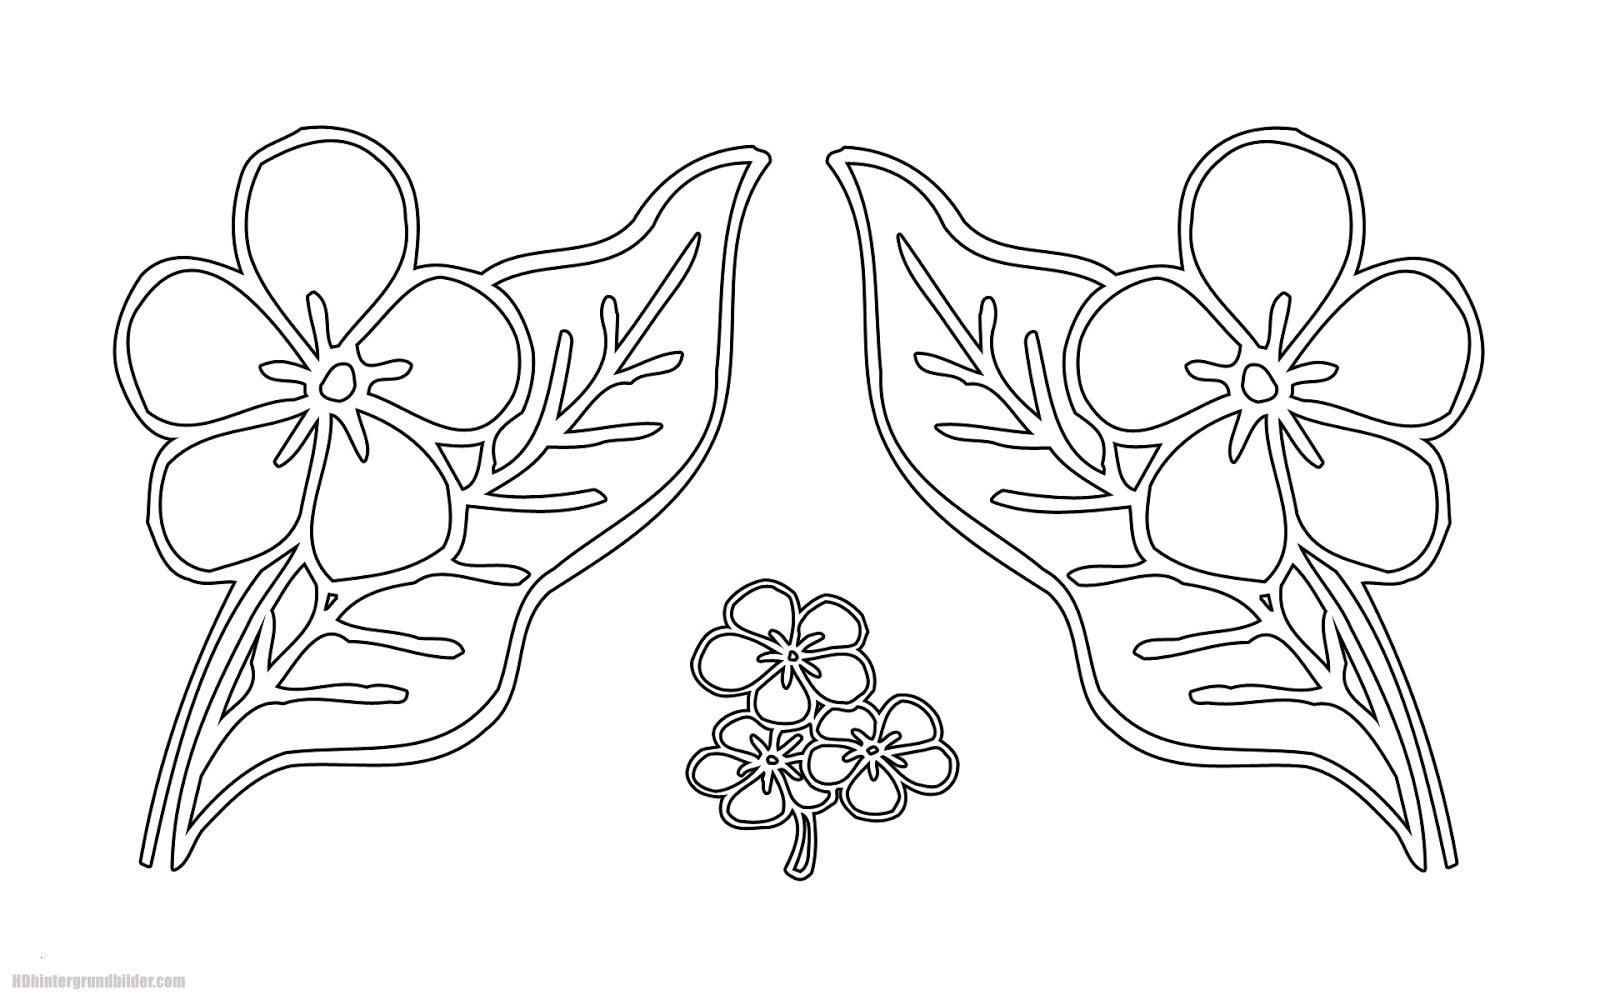 Mandala Zum Ausdrucken Rosen Genial 35 Rosen Malvorlagen Scoredatscore Genial Ausmalbilder Mandala Rosen Fotografieren